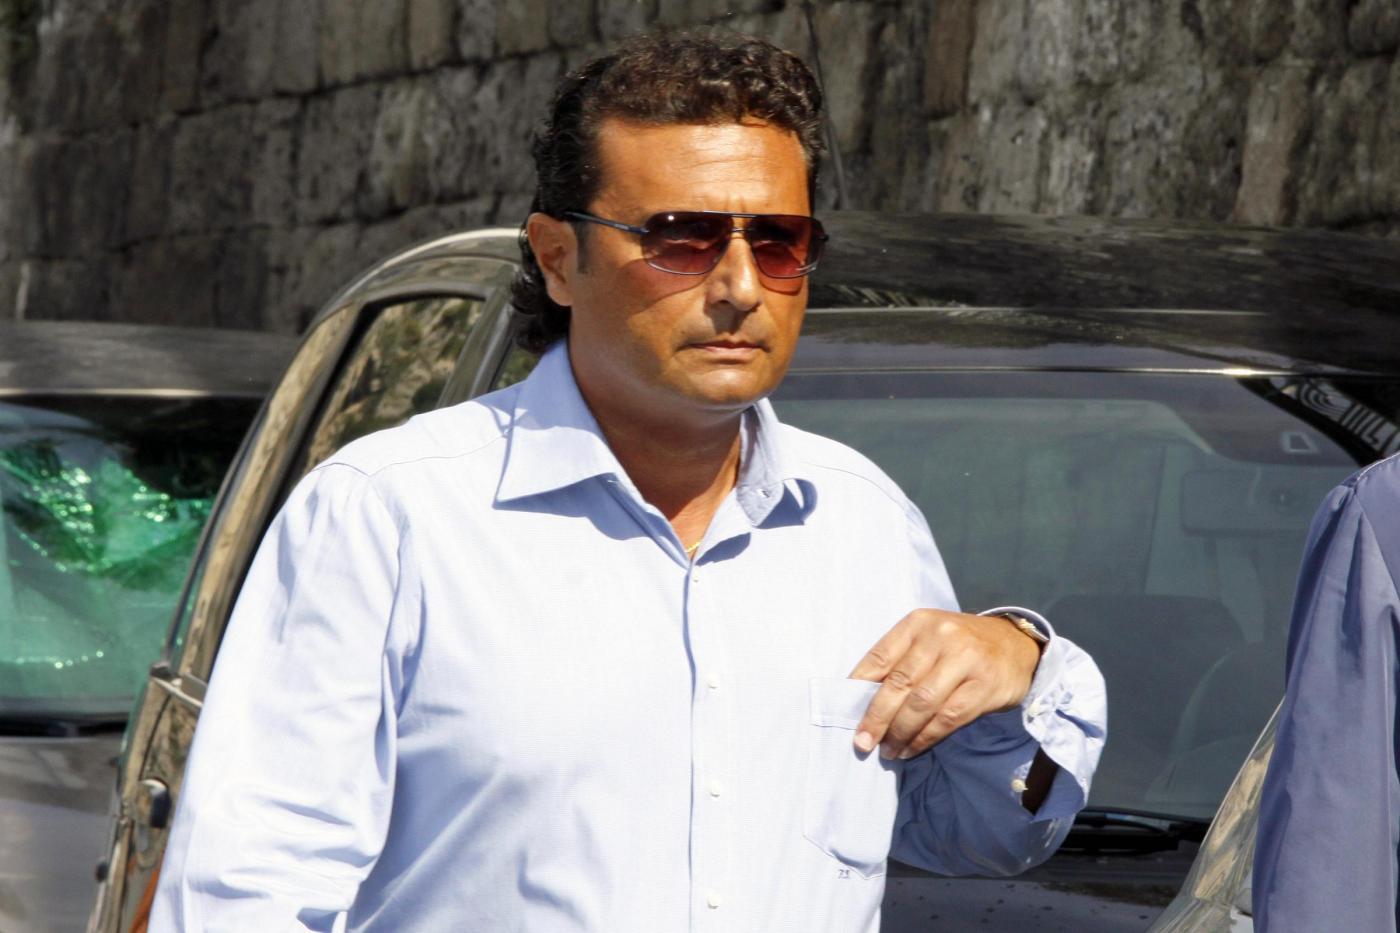 Francesco Schettino condannato per il naufragio della Concordia: 'Sarò l'unico a pagare'